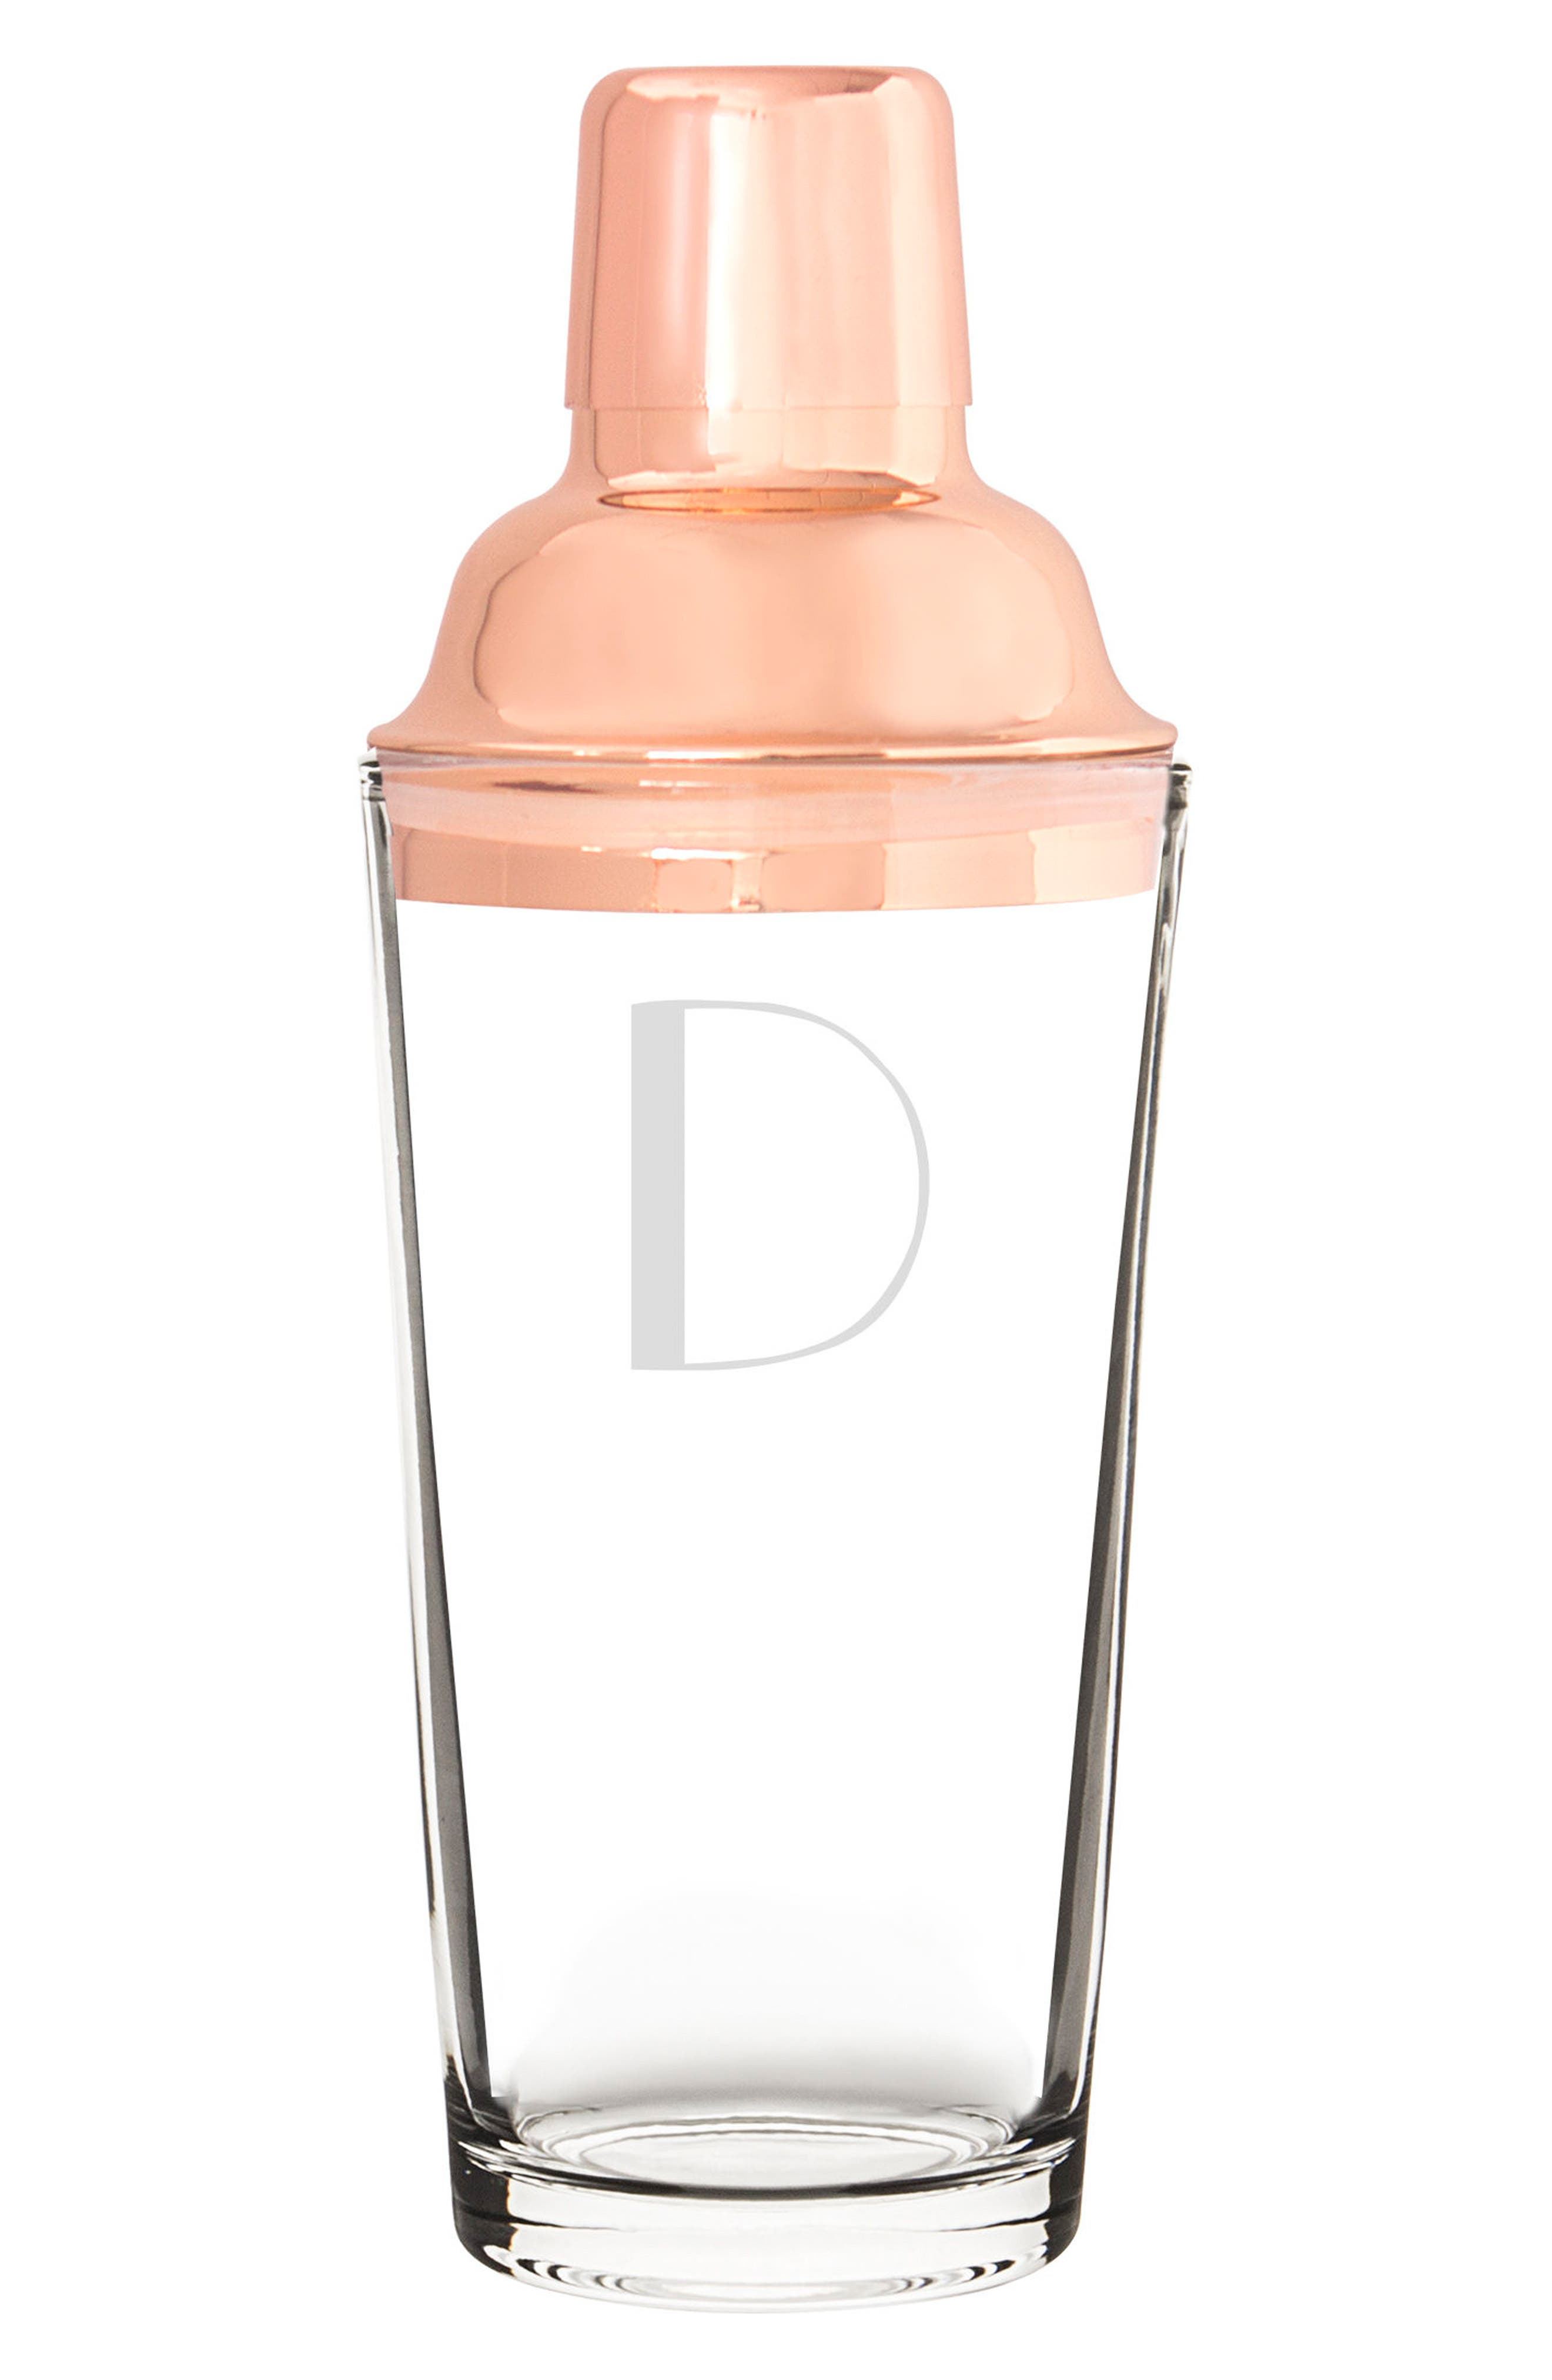 Monogram Coppertone Cocktail Shaker,                         Main,                         color, D